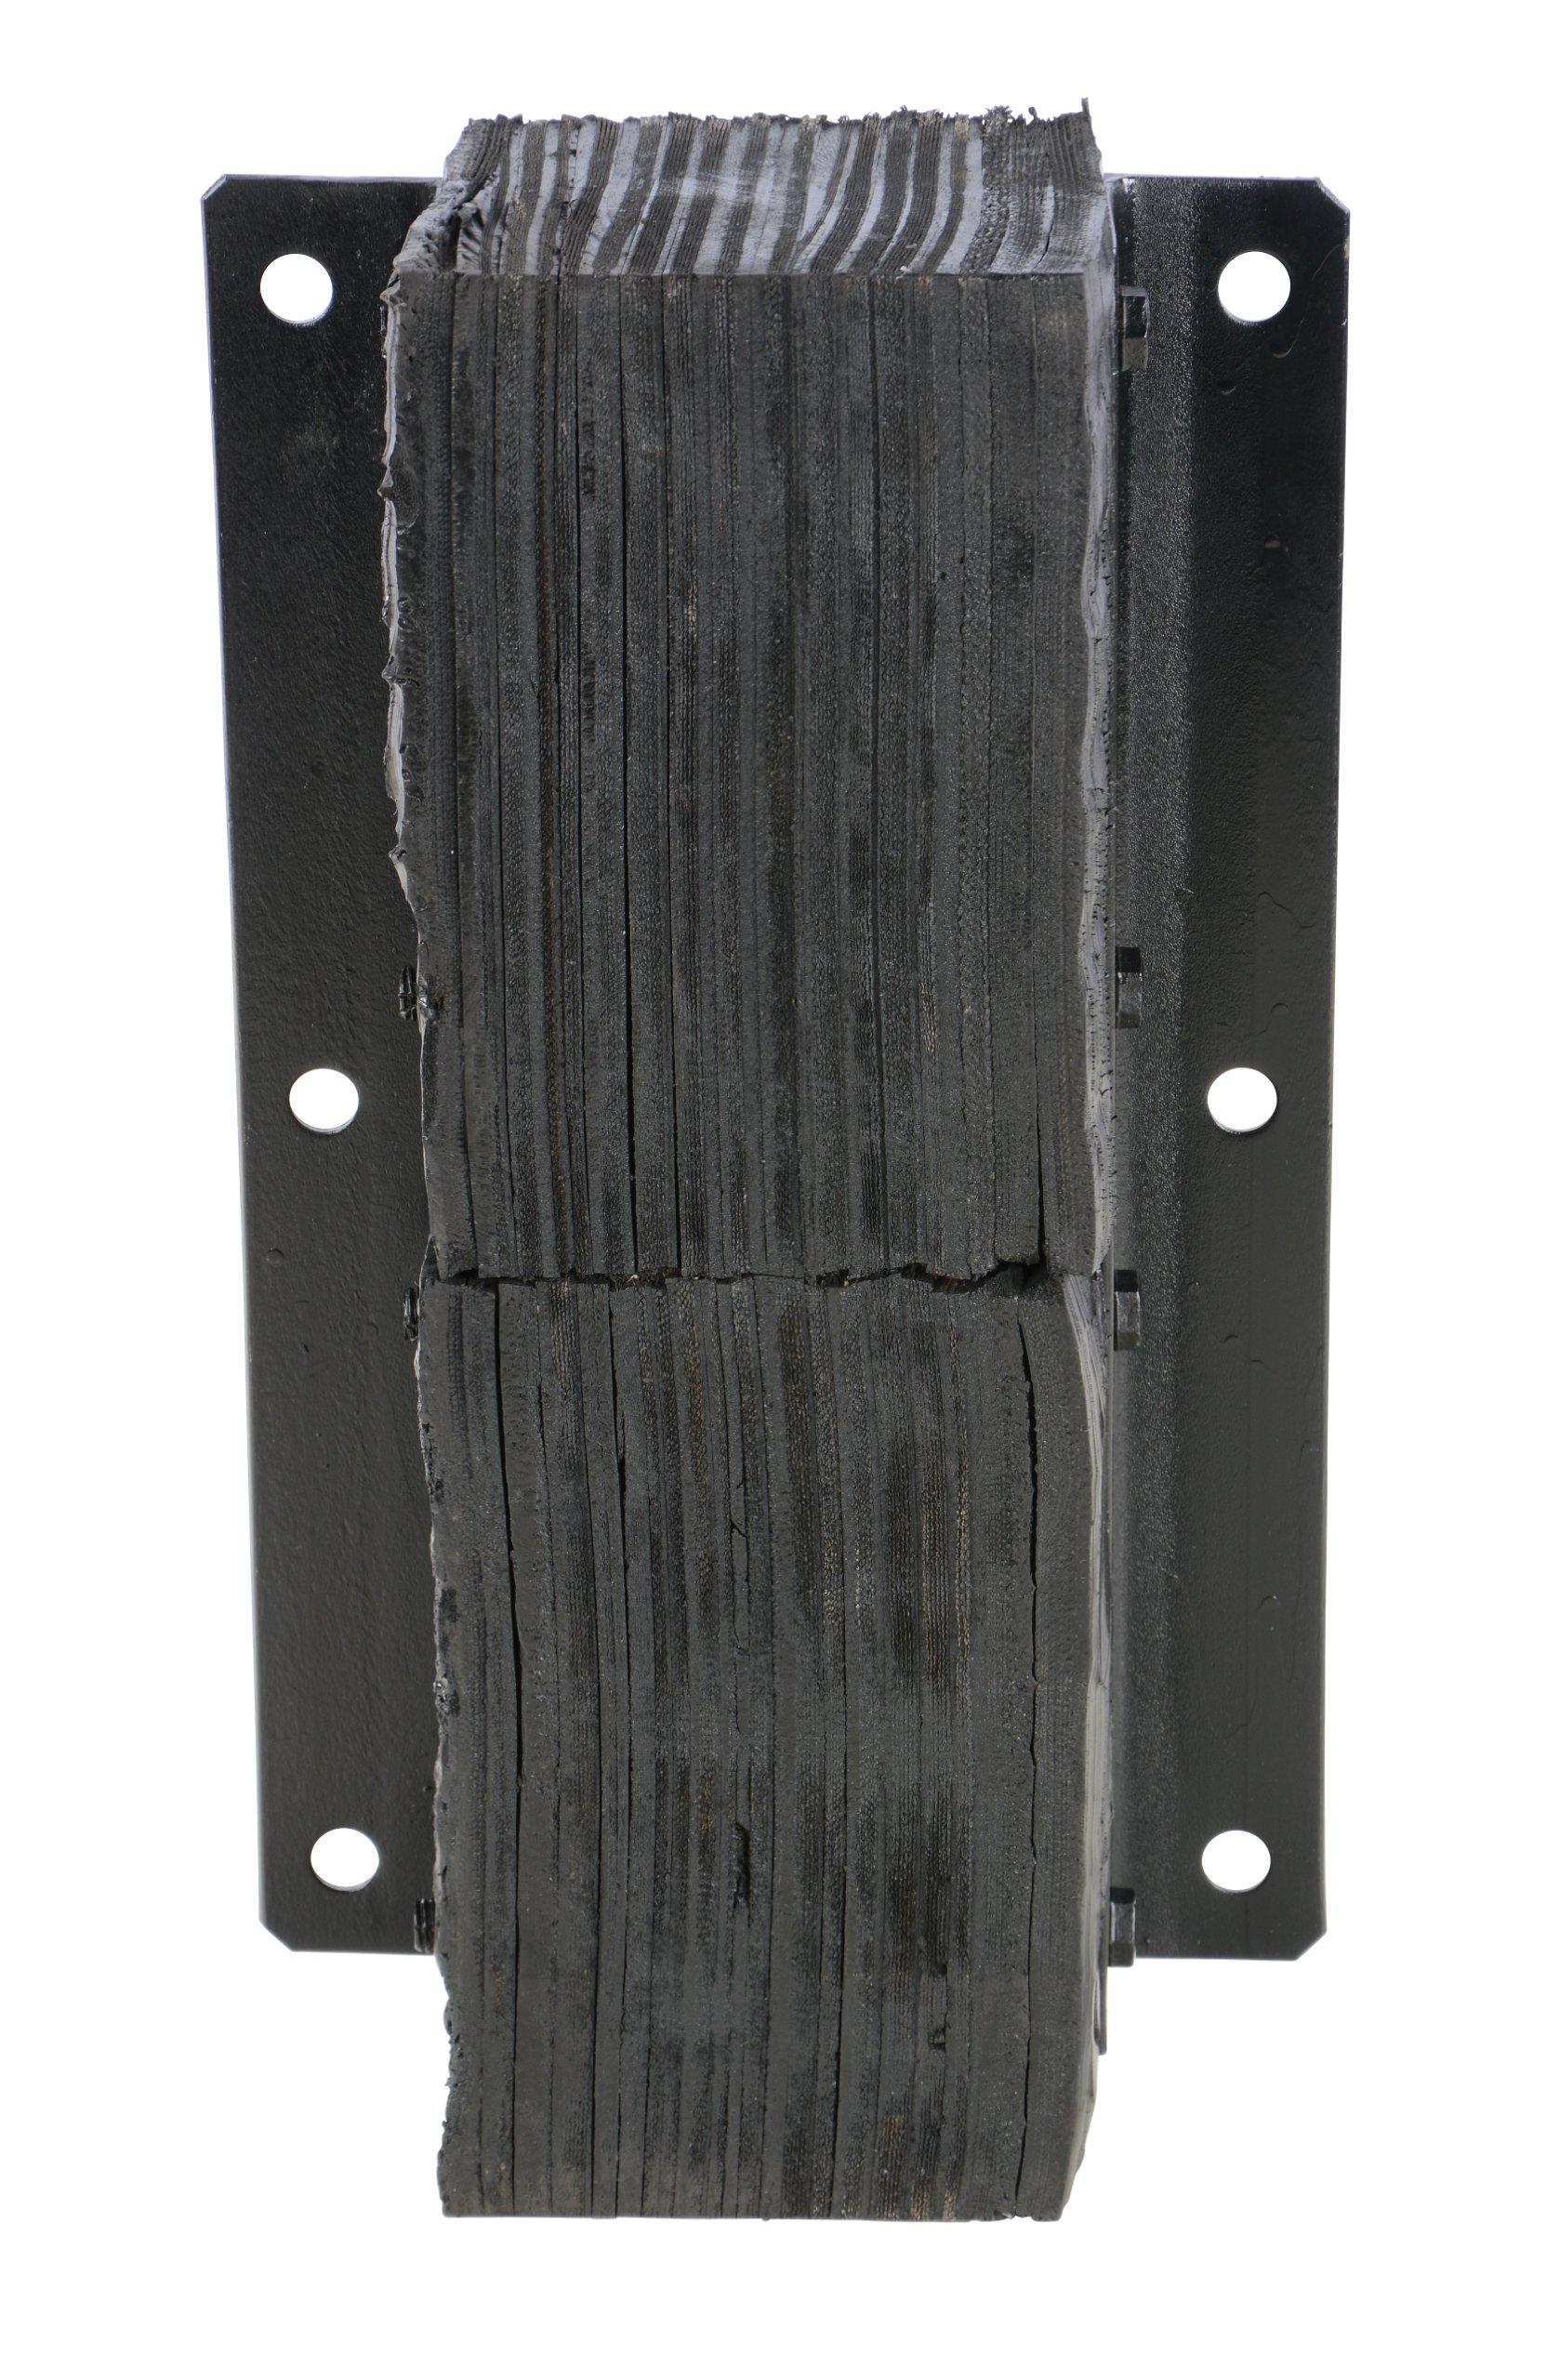 Vestil V-1124-6 Rubber Vertical Laminated Dock Bumper, 24'' Length, 11'' Width, 6'' Depth by Vestil (Image #4)